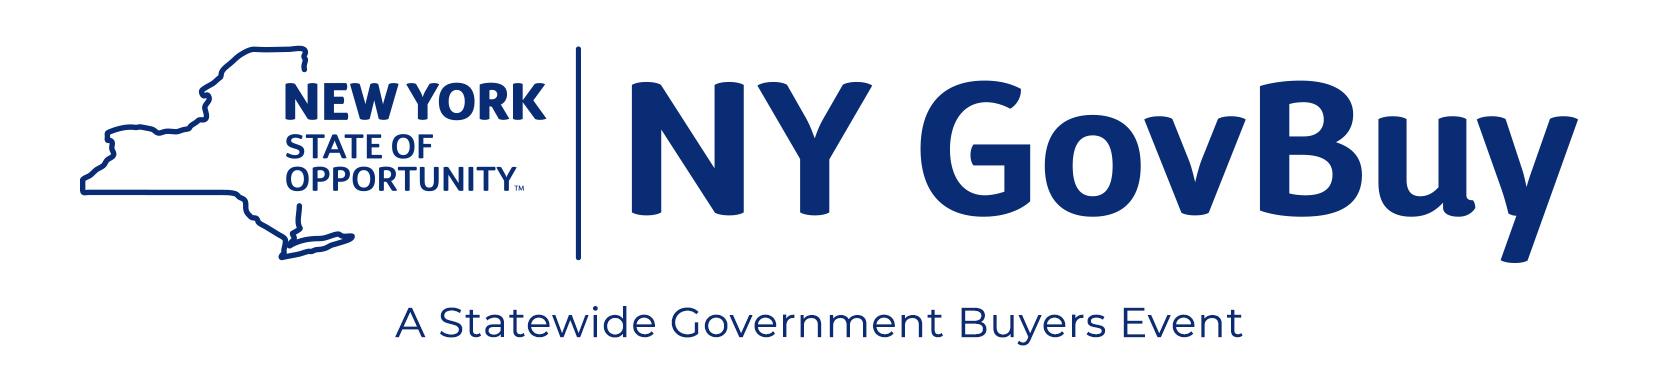 NY Govbuy banner